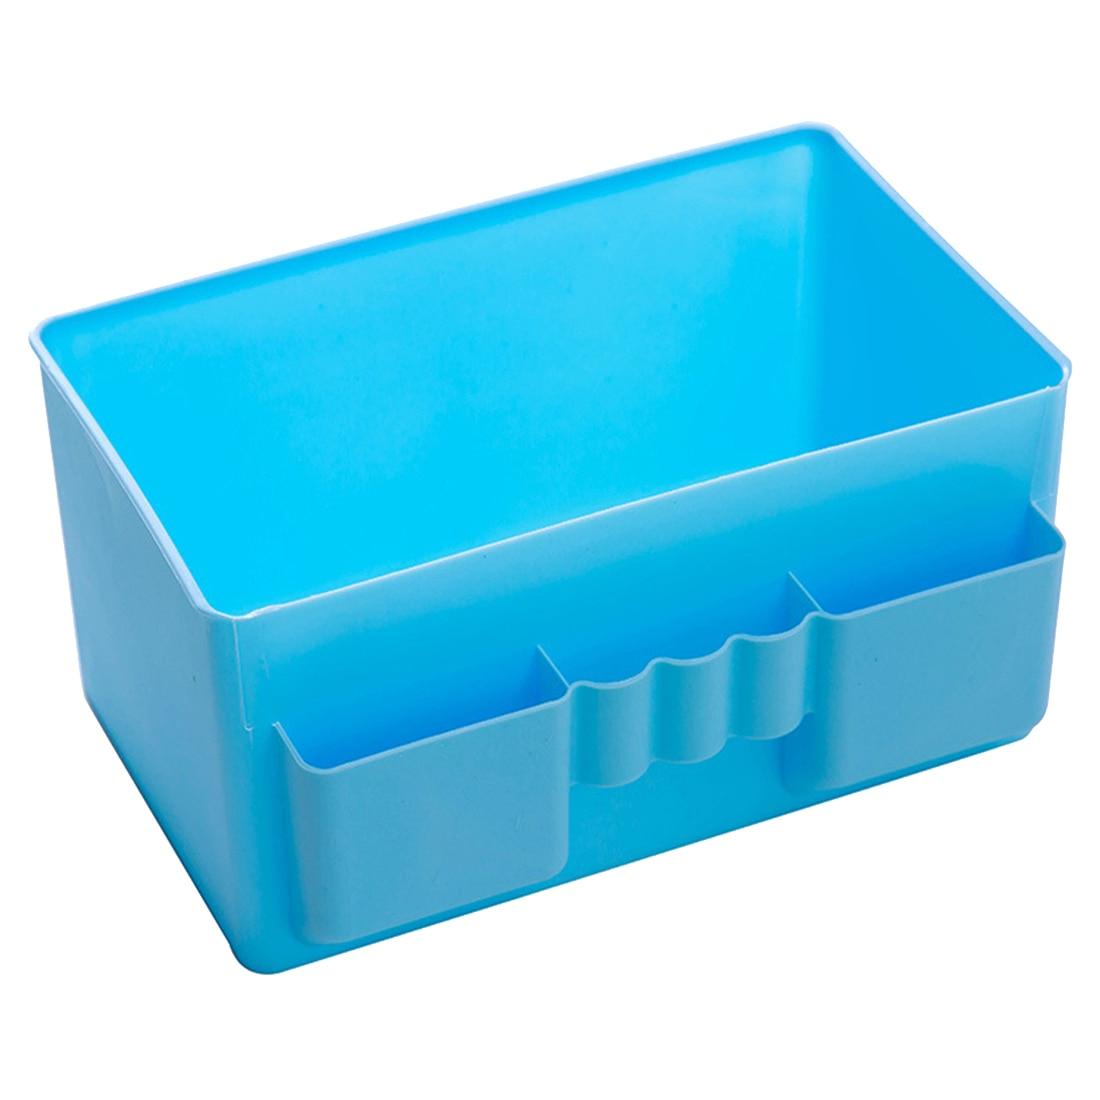 Best Hot Sale Cute Plastic Office Desktop Storage Boxes Makeup Organizer Storage Box #69829(blue)